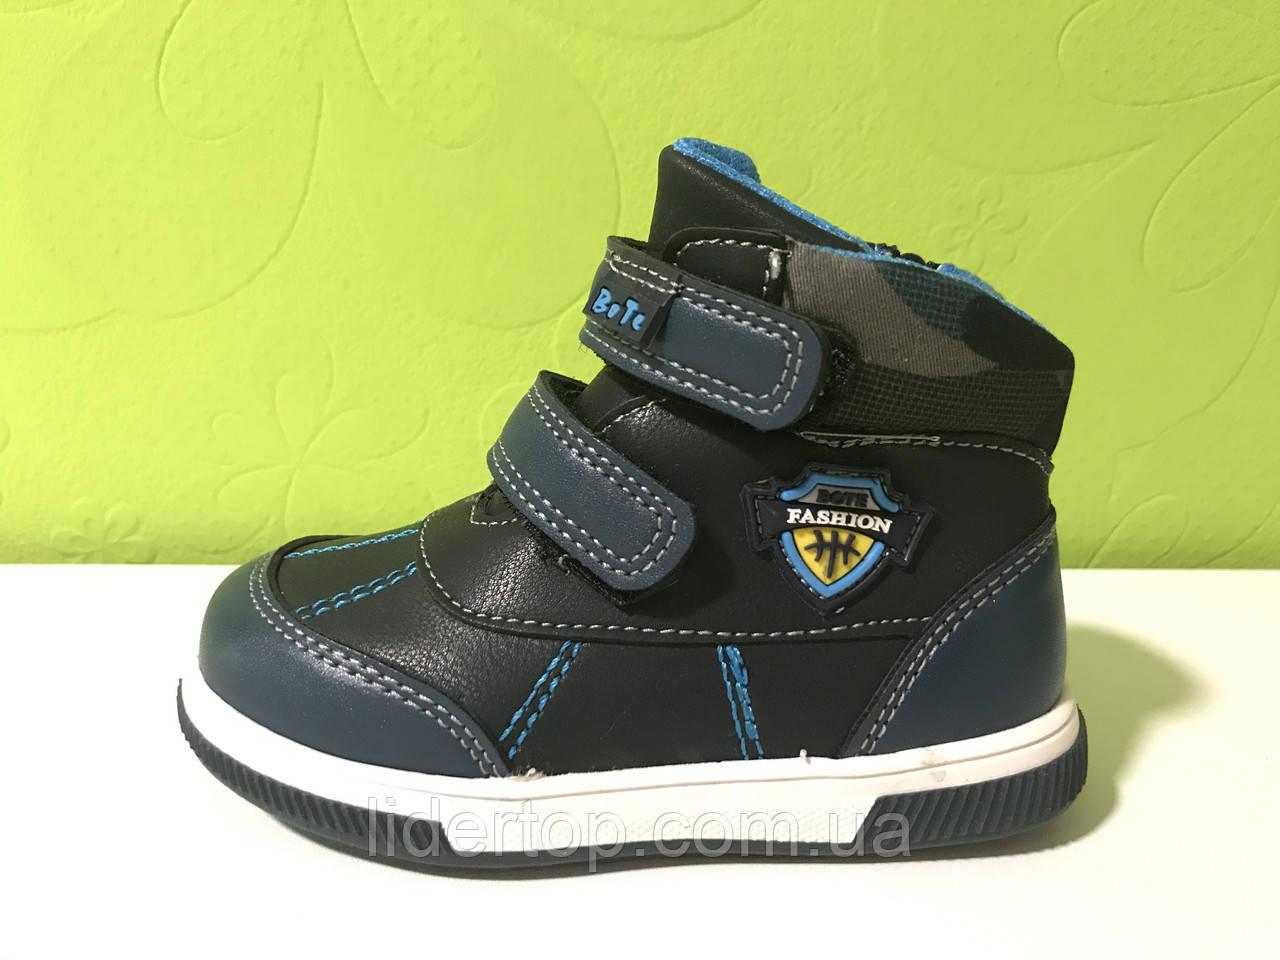 Ботинки Демисезон на Мальчика Тм СВТ.Т 22 р 14 см